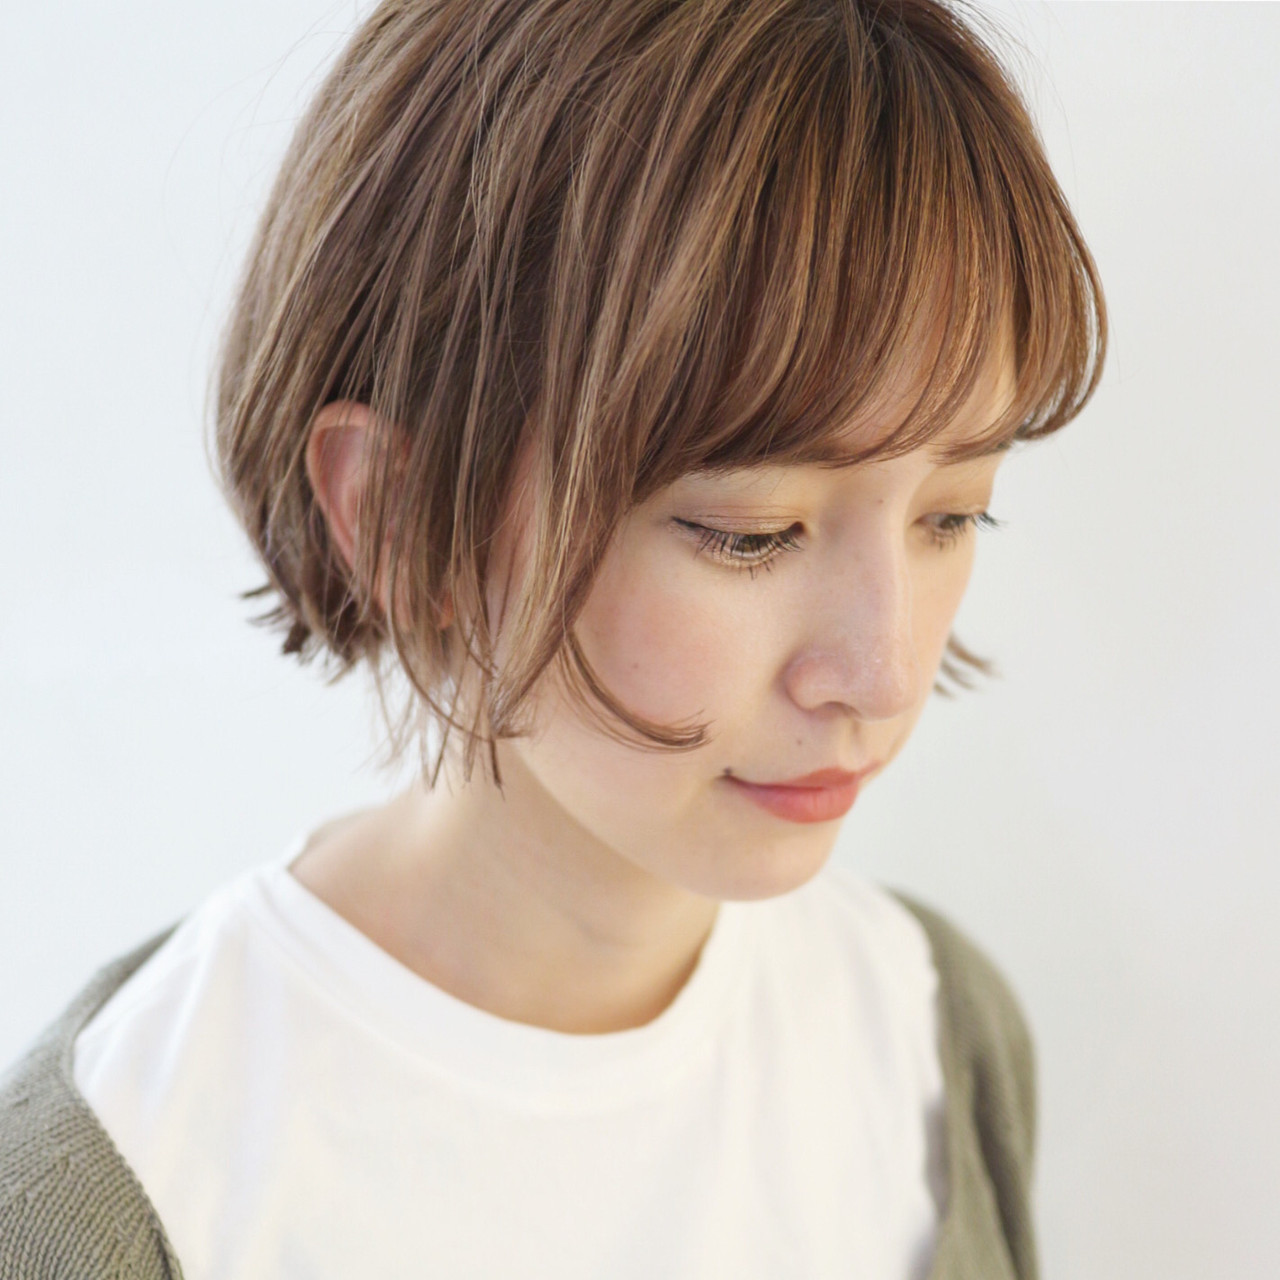 ショートヘア グレージュ ミニボブ ショートボブ ヘアスタイルや髪型の写真・画像